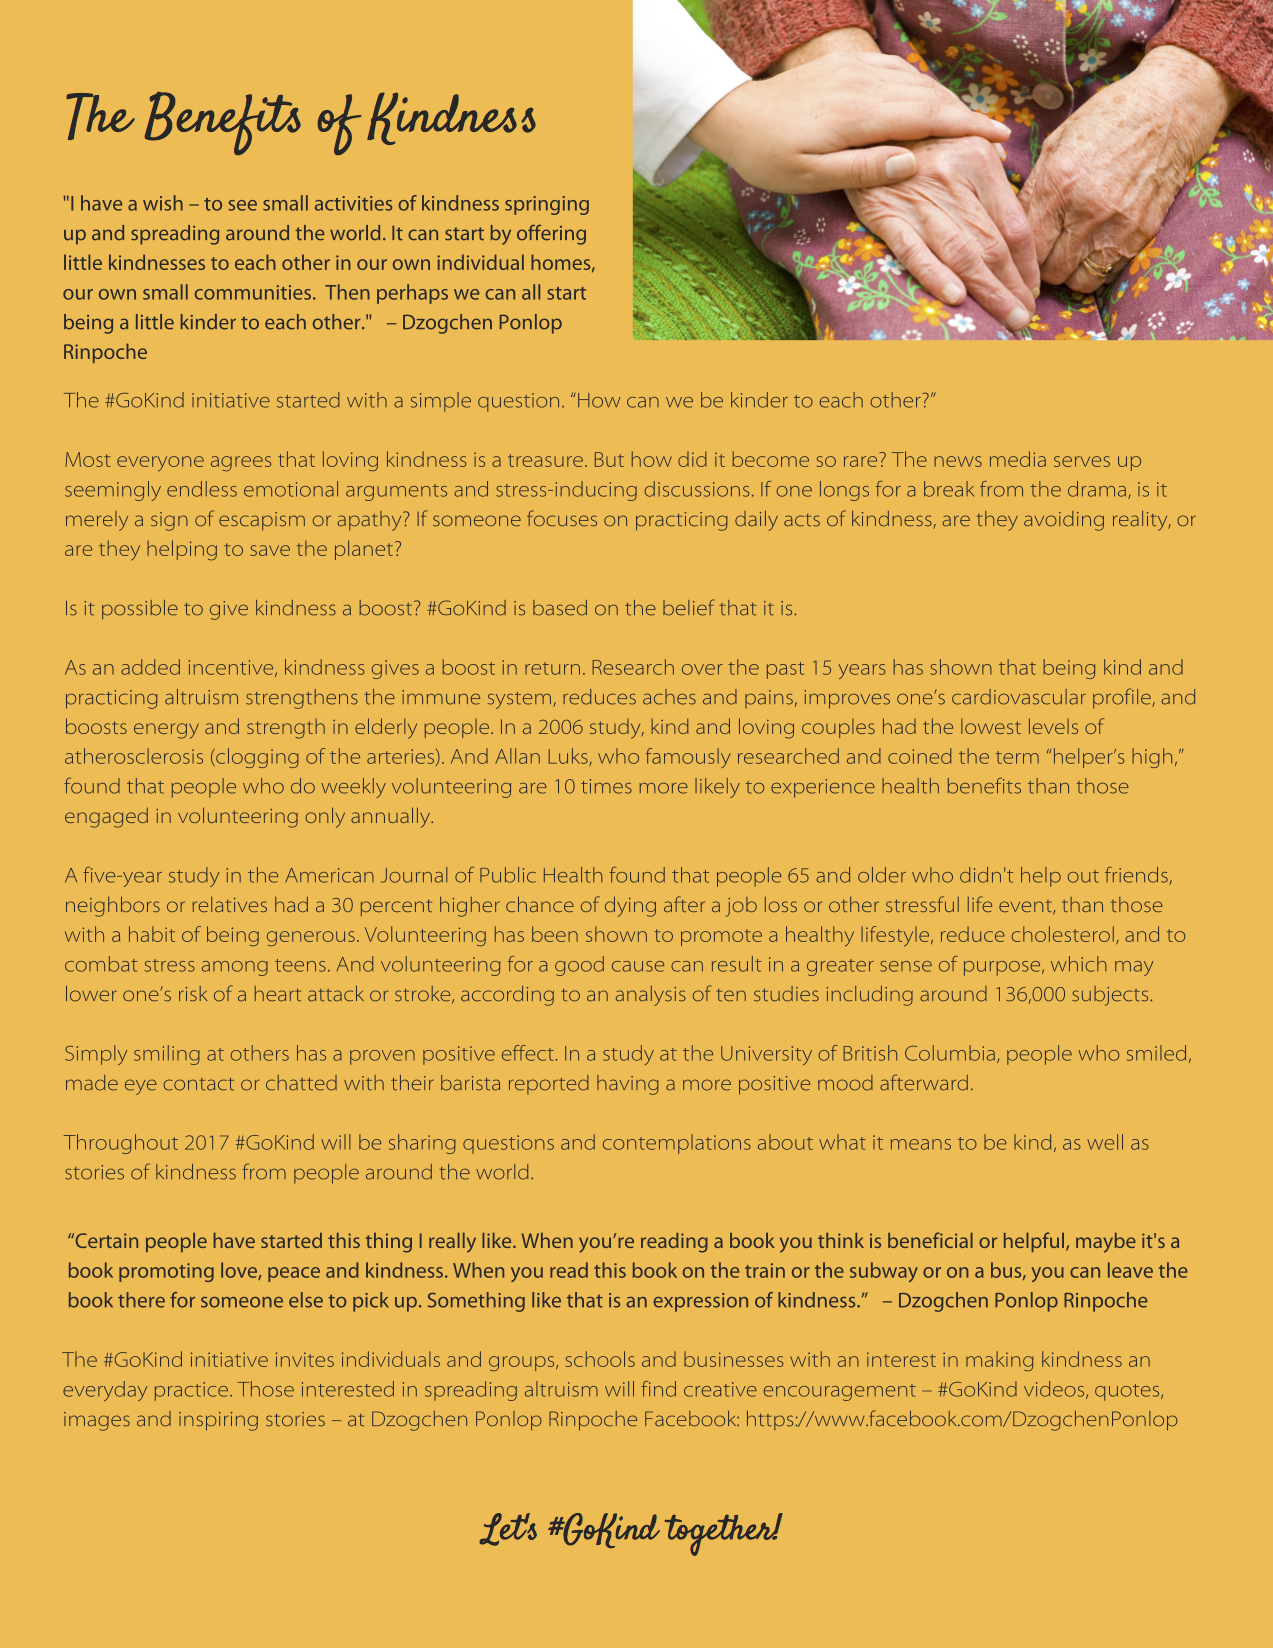 The Energy Bus Quotes Press  Dzogchen Ponlop Rinpoche